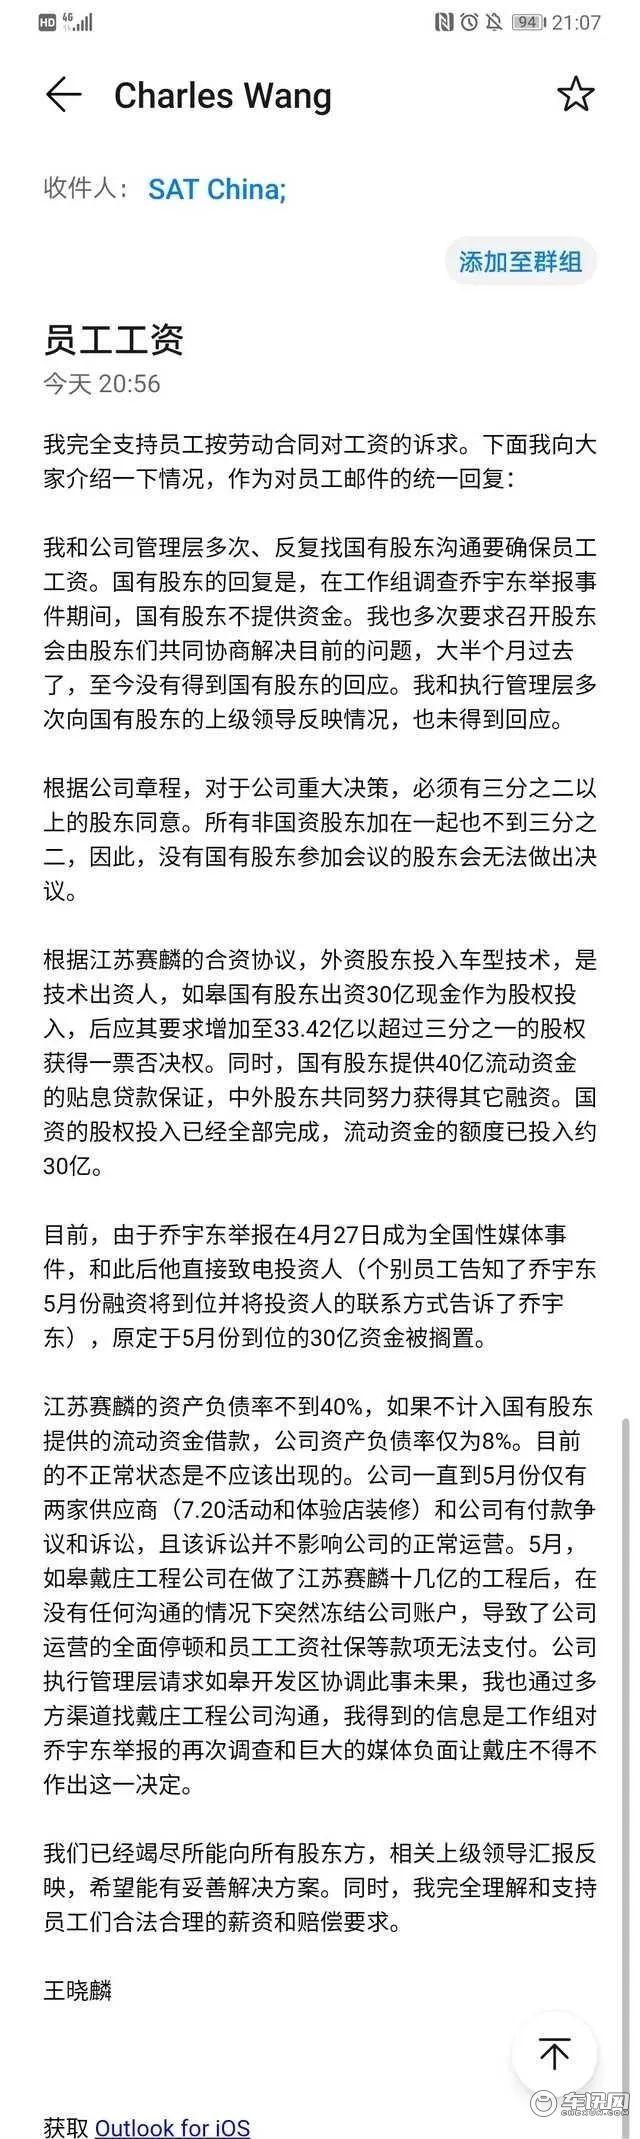 赛麟欠薪一个月,管理层集体辞职 400名员工被迫自救?